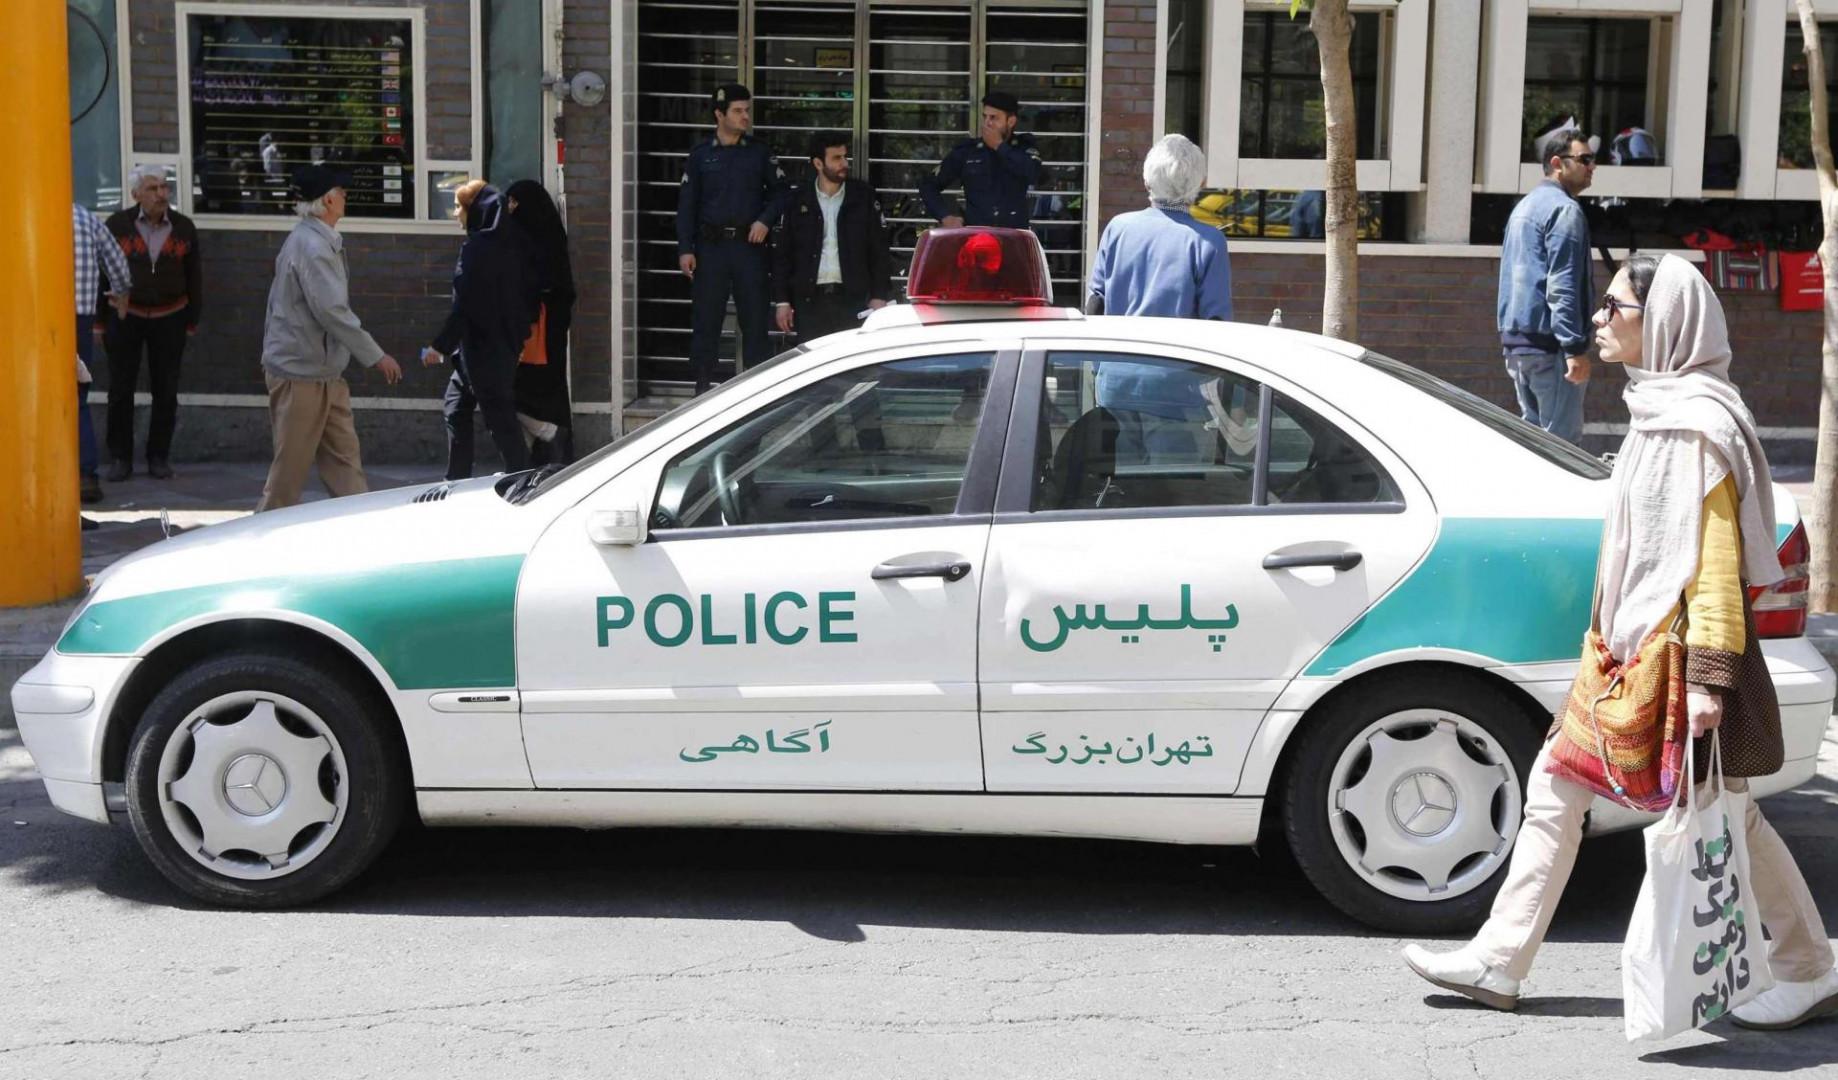 إيران تعتقل جاسوسا إسرائيليا ومجموعة عملاء لدول غربية